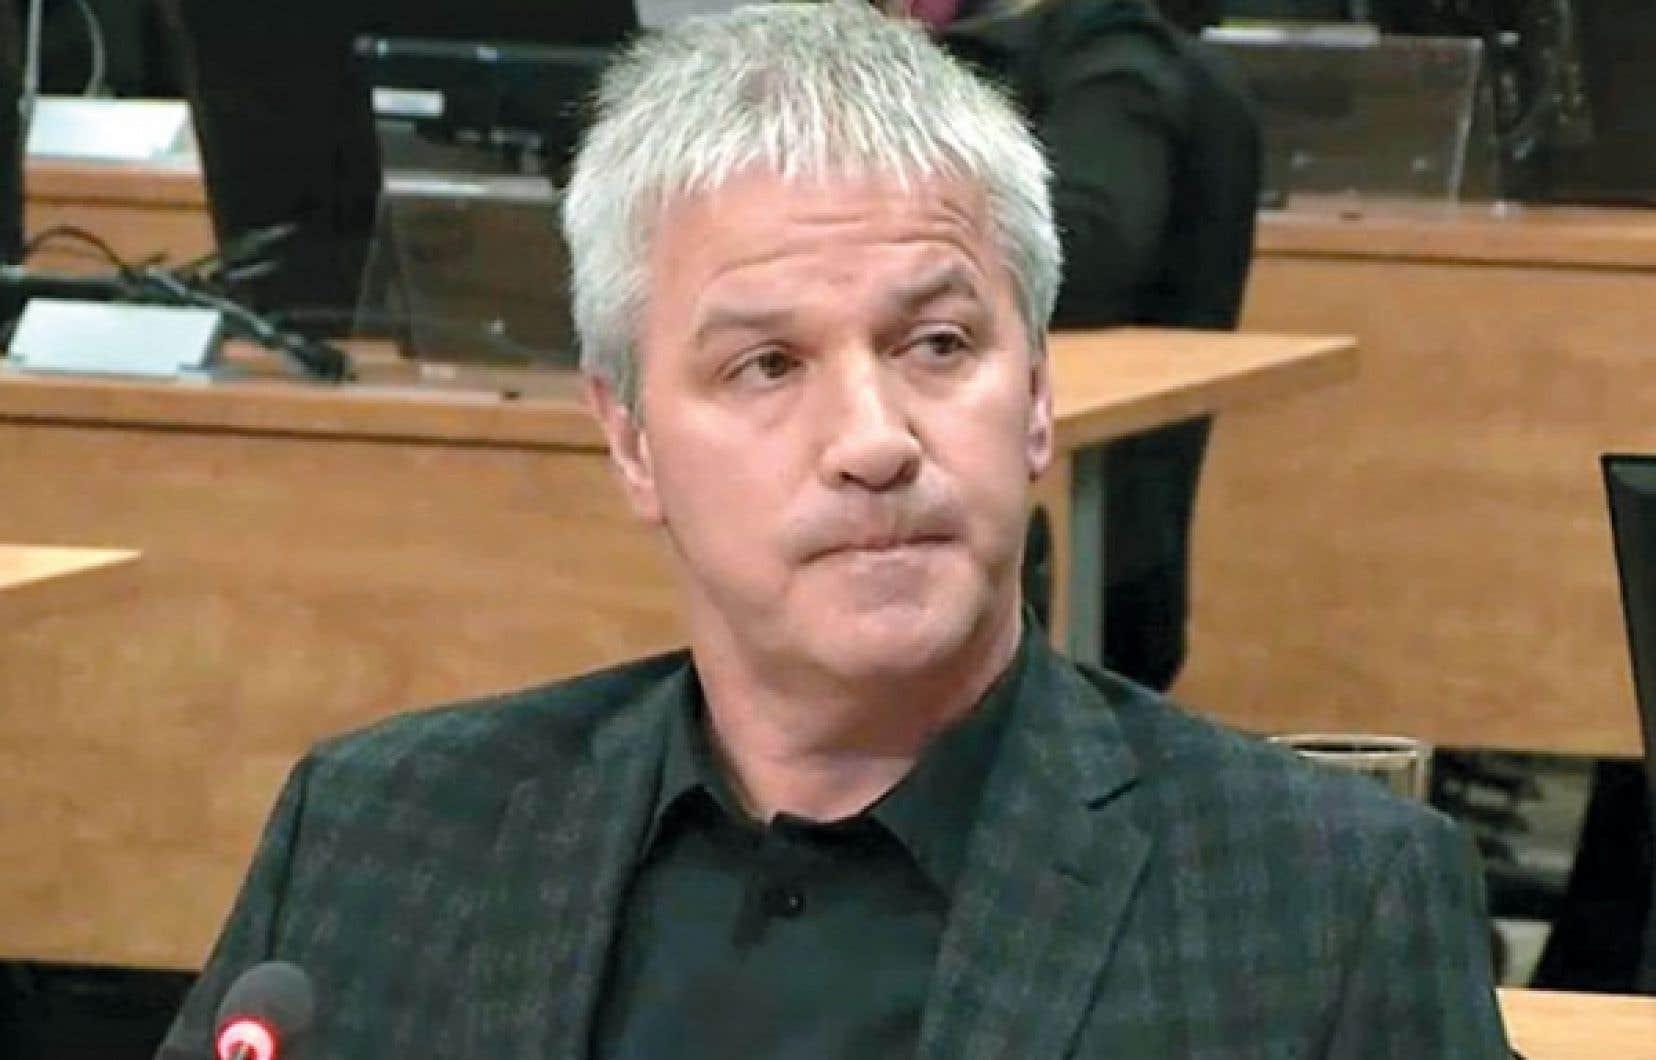 Un sous-traitant en céramique de Québec, Martin Carrier, de Céramiques Lindo, a répété jeudi à la commission Charbonneau qu'il avait reçu des menaces de mort parce qu'il avait obtenu un contrat à Montréal. Il a aussi révélé avoir reçu des années plus tard une carte de condoléances et savoir qu'un autre entrepreneur de Québec aurait reçu un appel similaire. La présidente de la commission, la juge France Charbonneau, a félicité l'entrepreneur pour son courage.